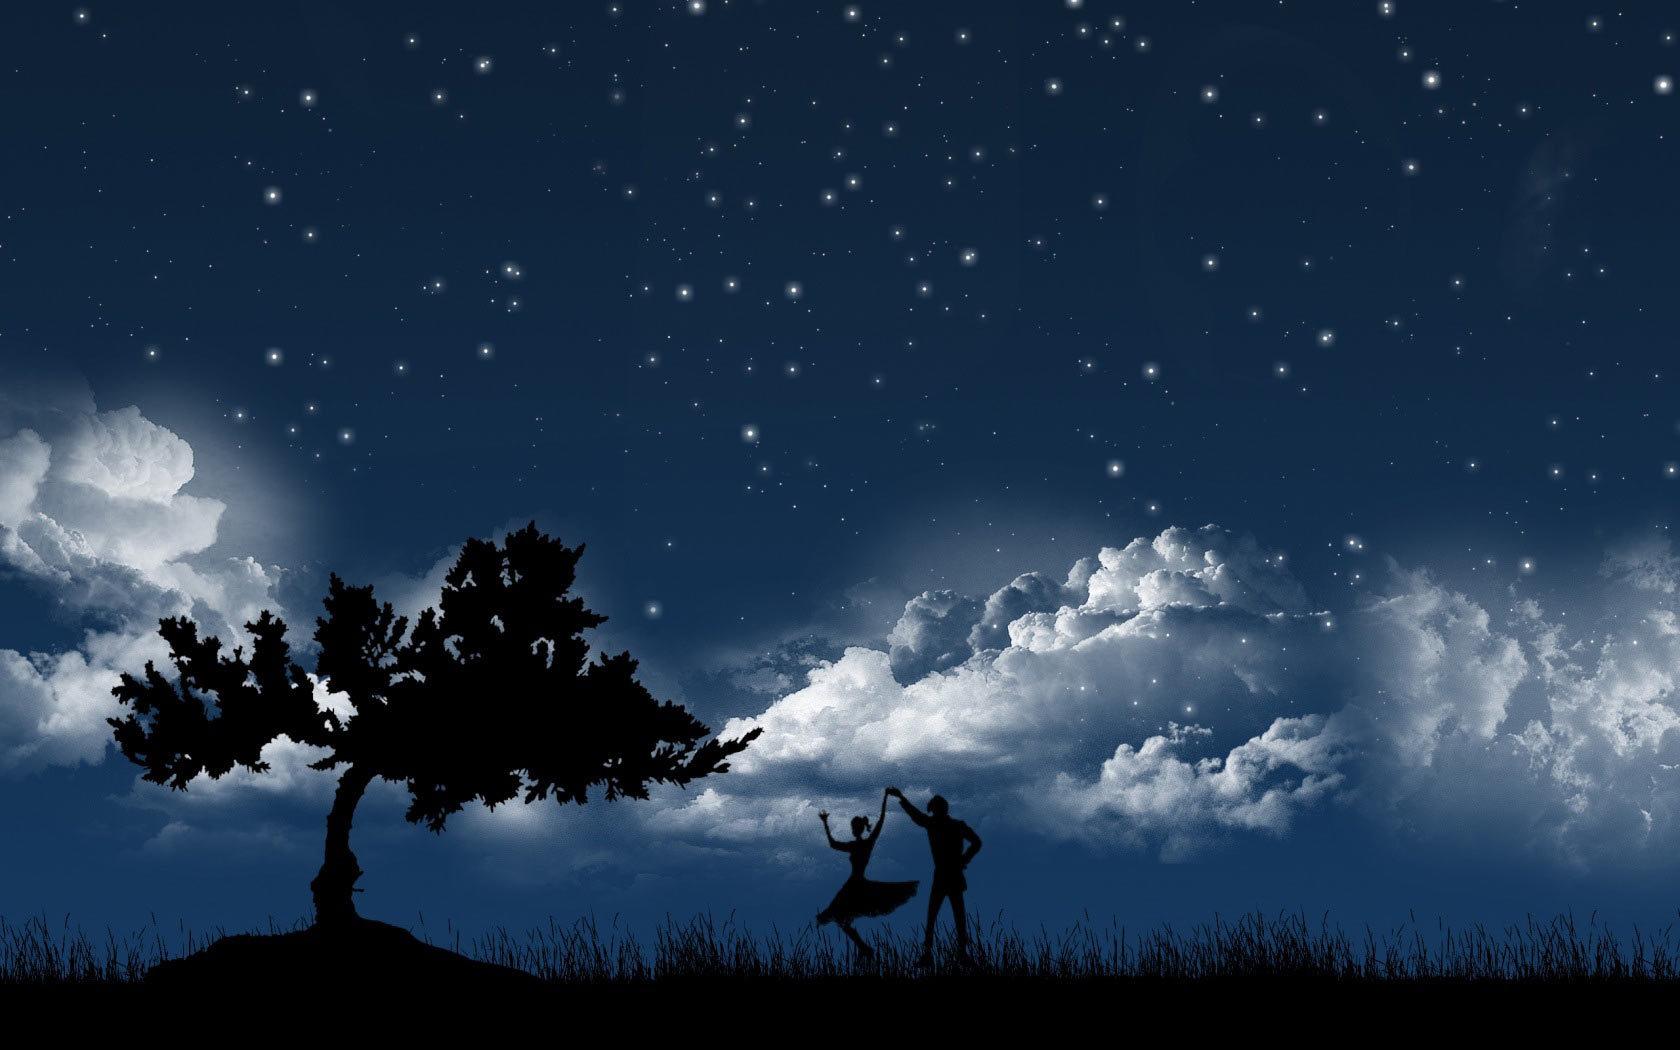 22098 скачать обои Люди, Деревья, Небо, Звезды, Ночь, Облака, Рисунки, Танцы - заставки и картинки бесплатно